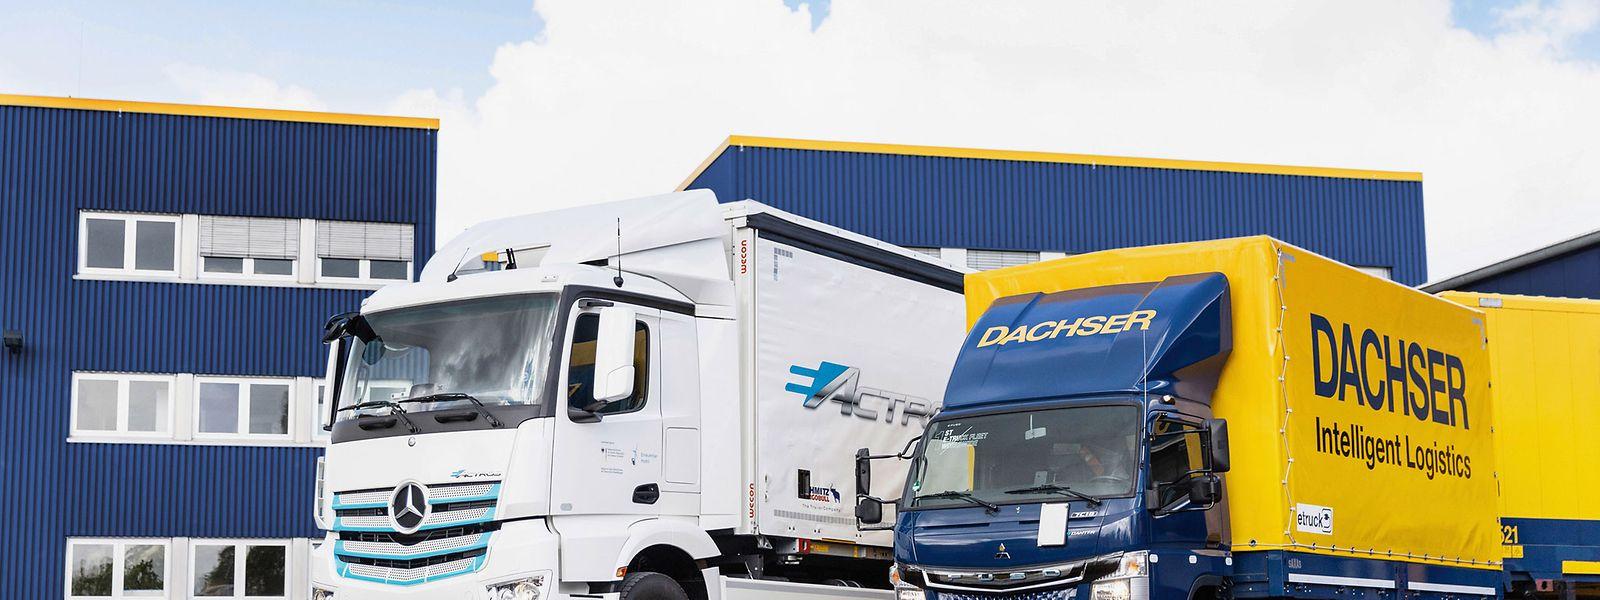 Die Logistikfirma testet neue Konzepte für eine umweltfreundlichere Auslieferung.